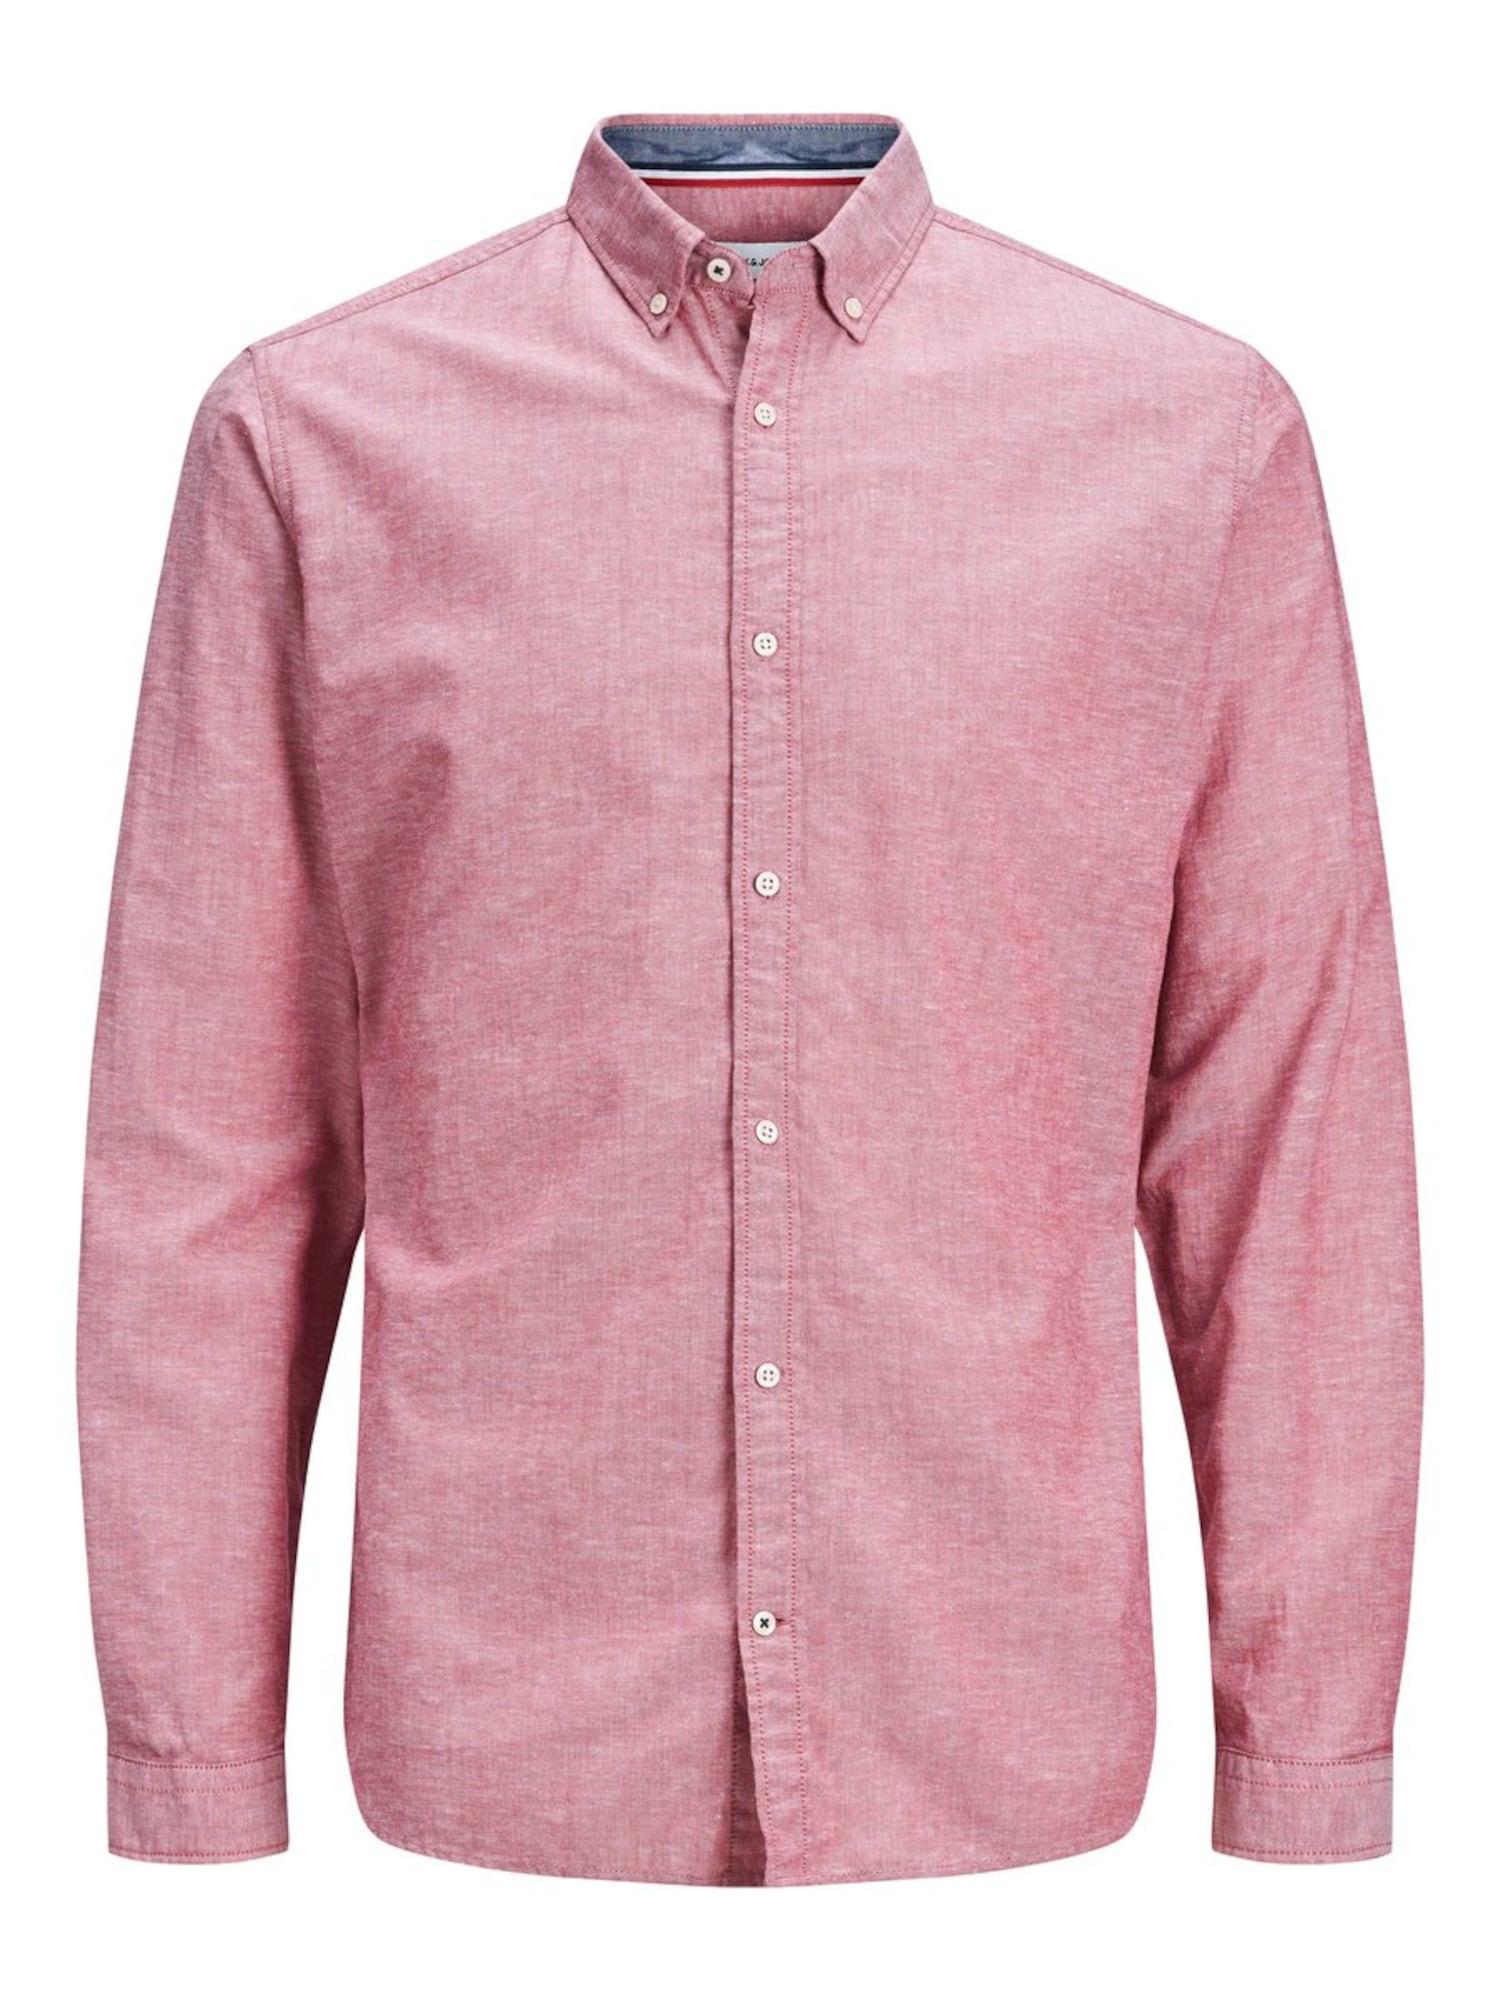 JACK & JONES Marškiniai šviesiai raudona